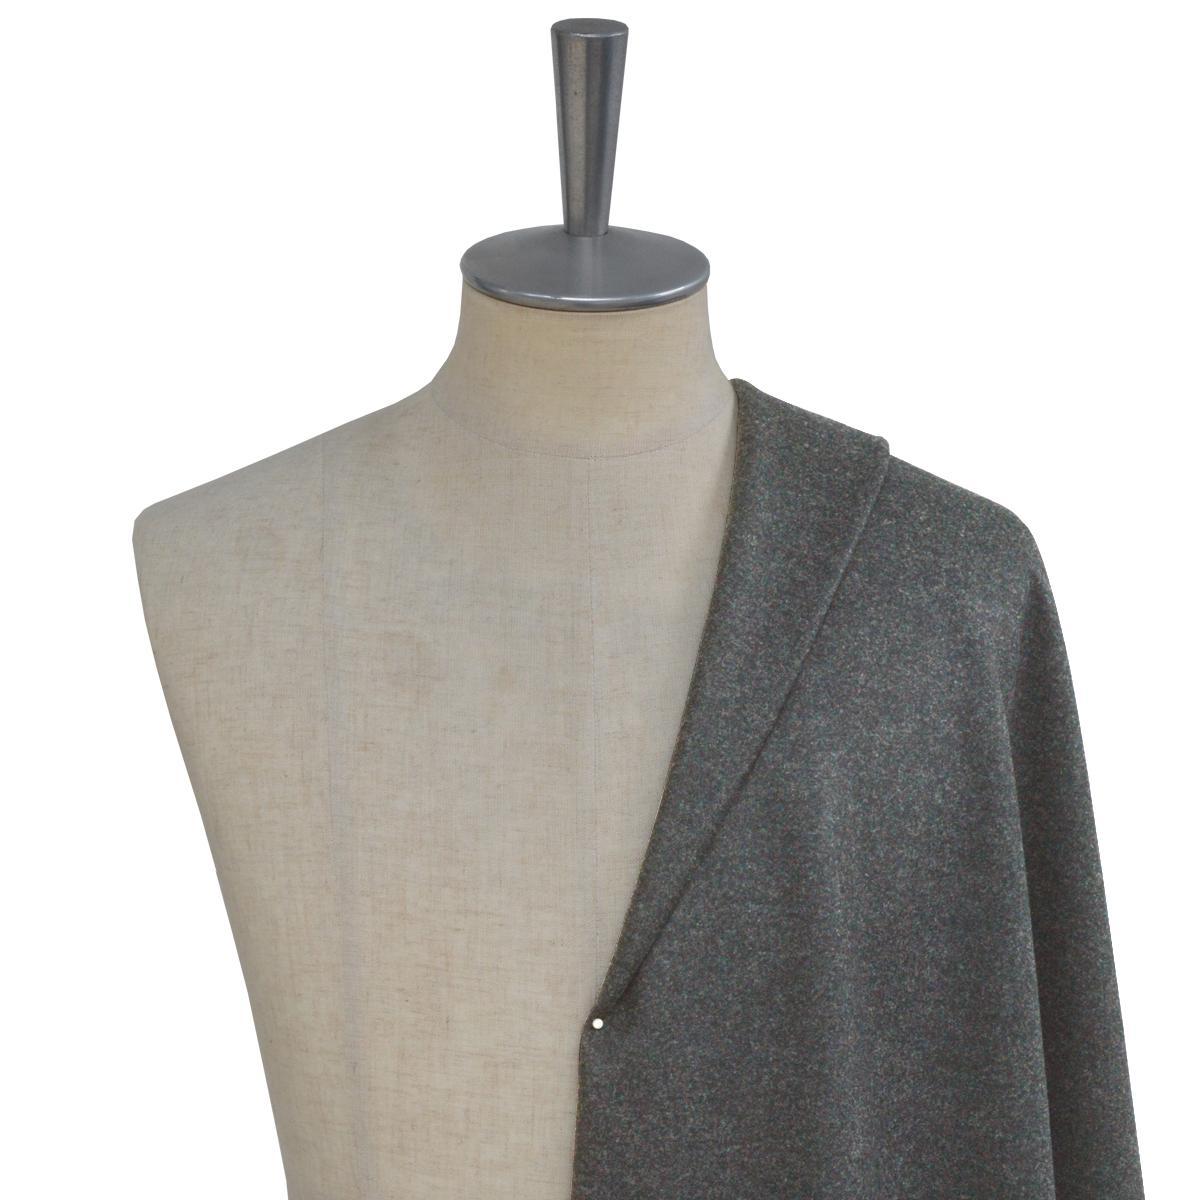 [オーダーコート]起毛感のあるグレーで、冬も暖かく